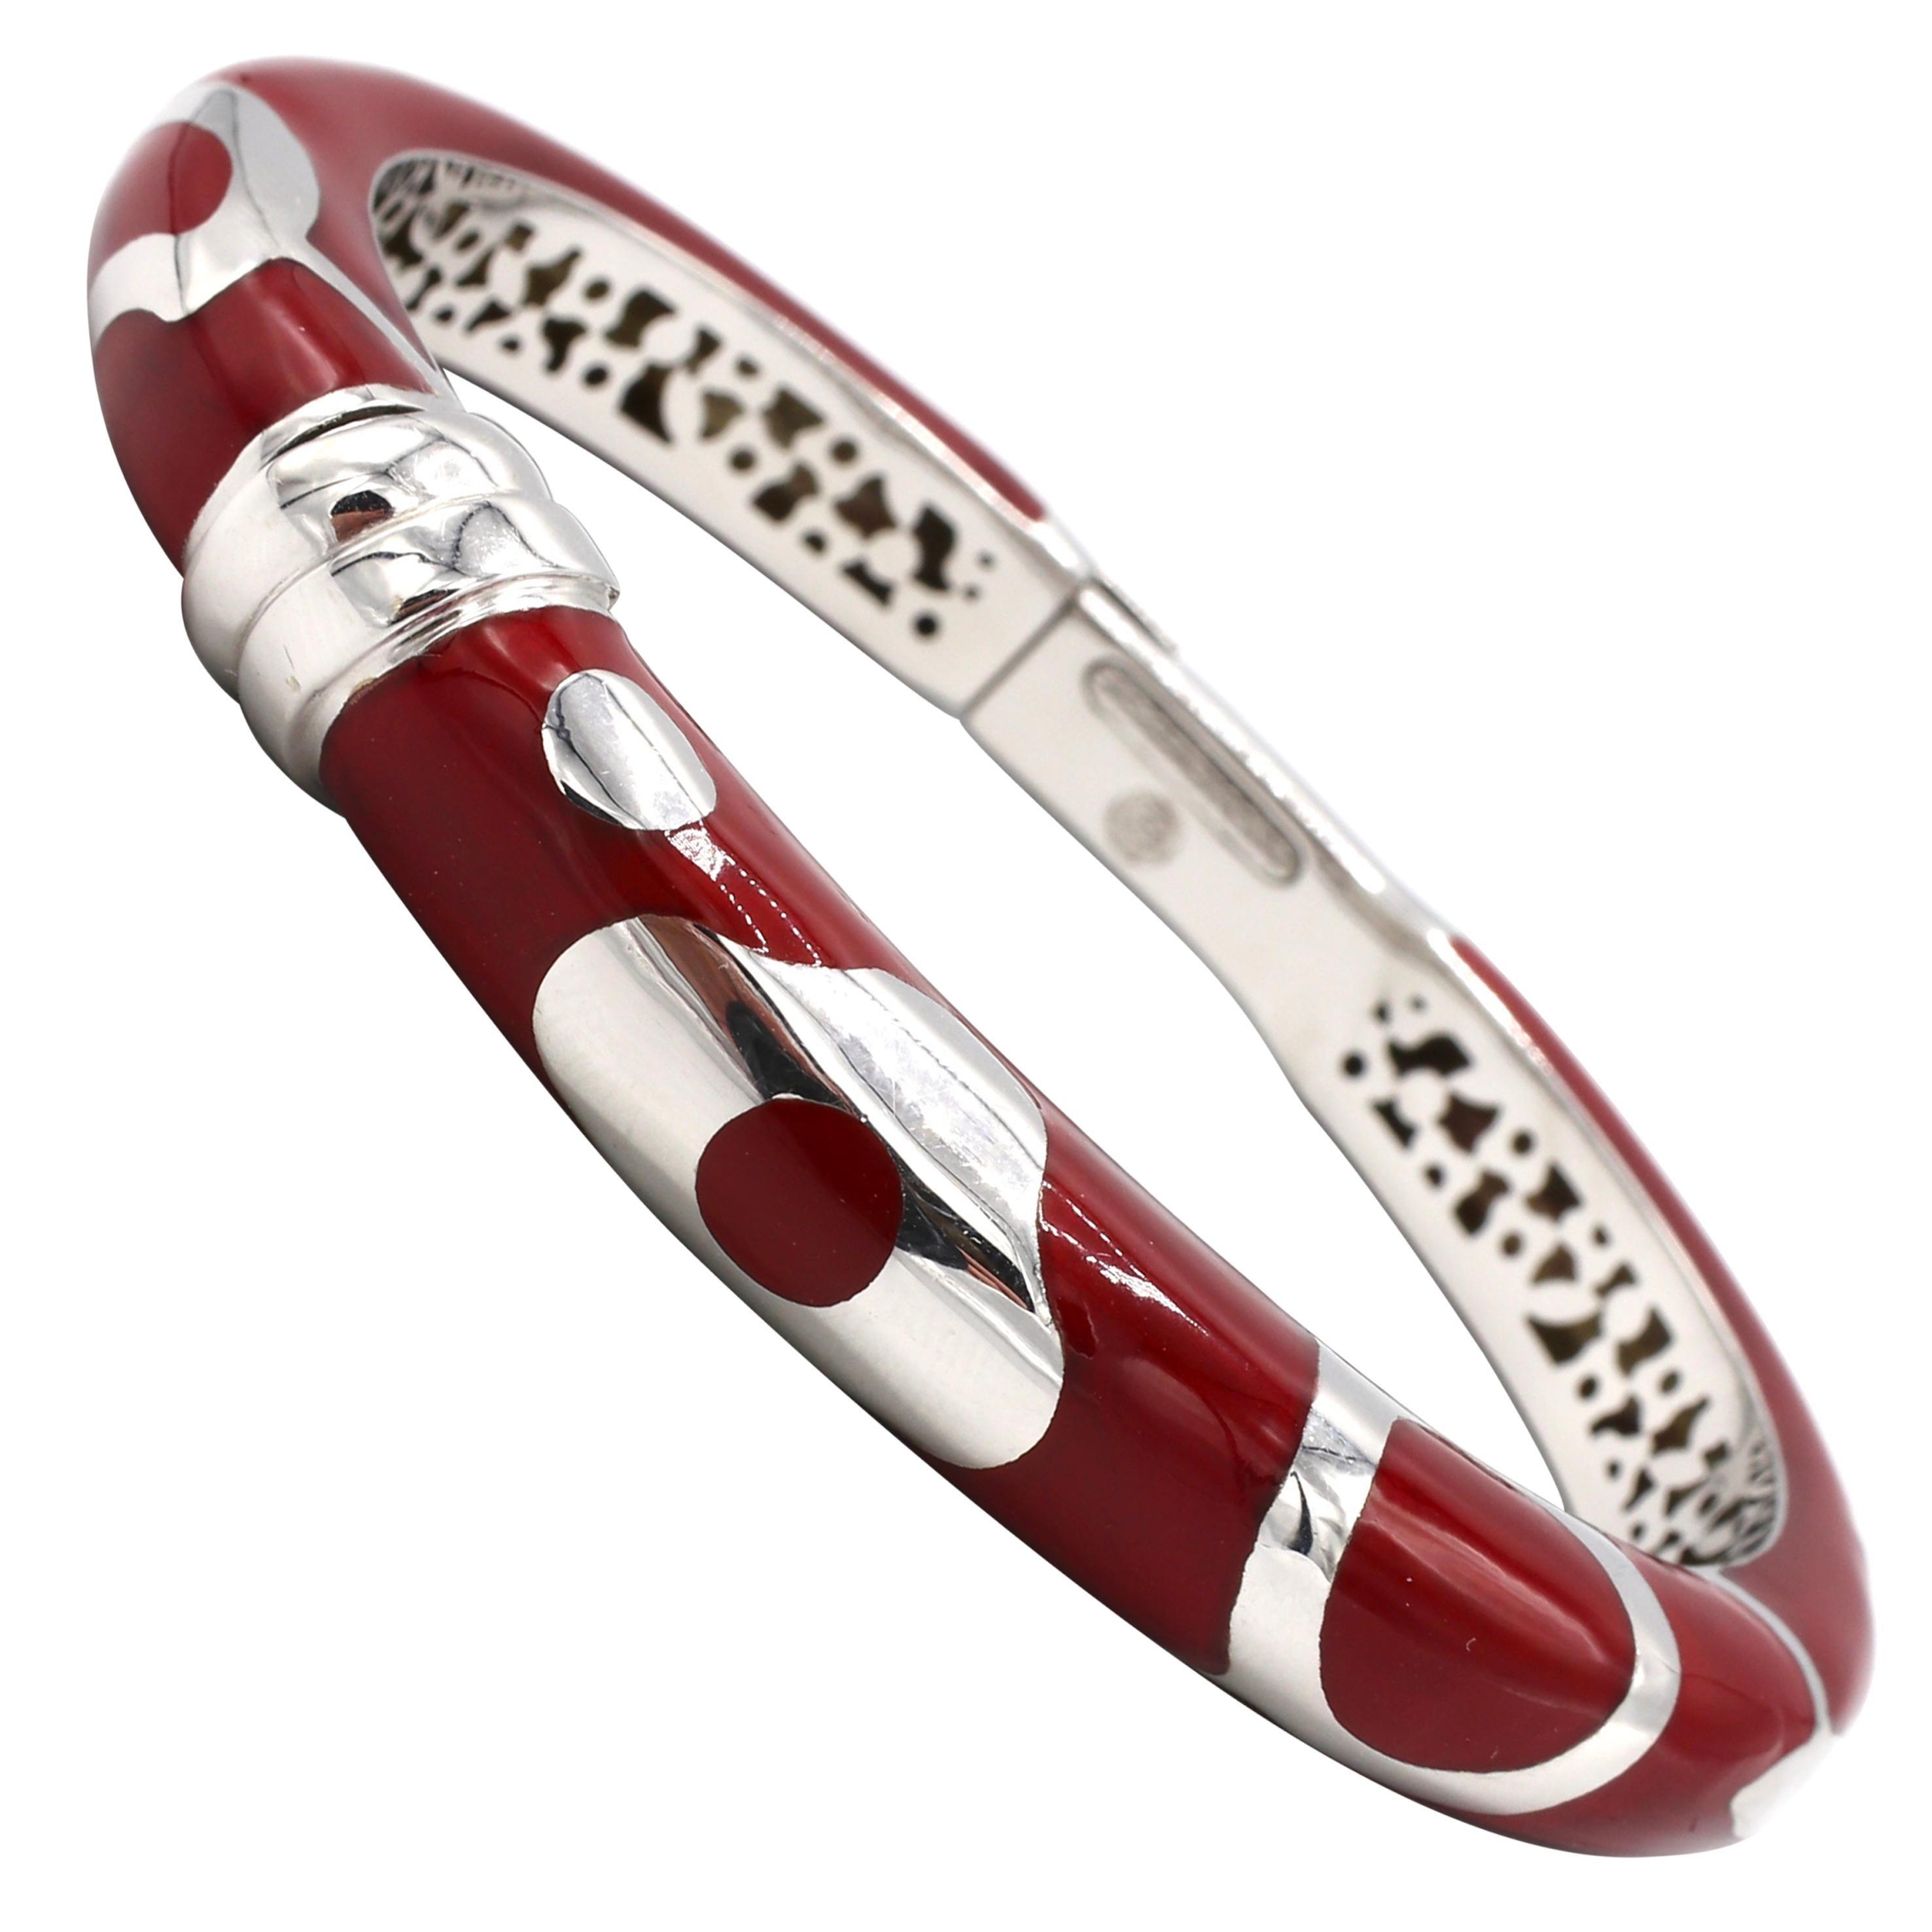 La Nouvelle Bague 18 Karat White Gold and Sterling Silver Enamel Bangle Bracelet